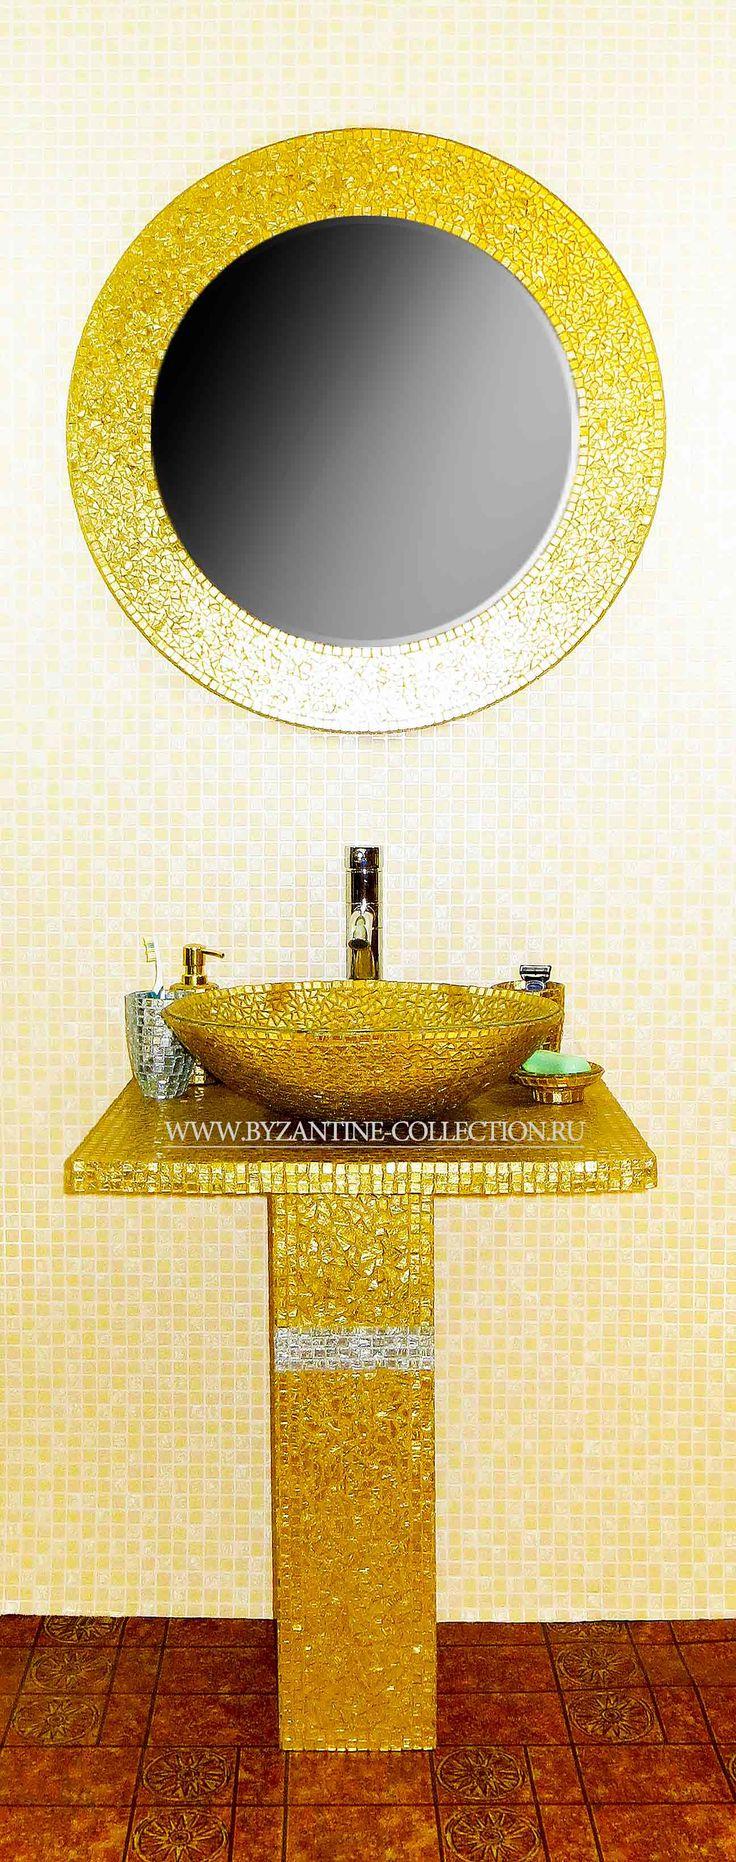 """Комплект мебели для ванной из золотой смальты """"Золото Византии"""": зеркало, постамент для раковины-чаши, раковина-чаша и аксессуары для ванной"""